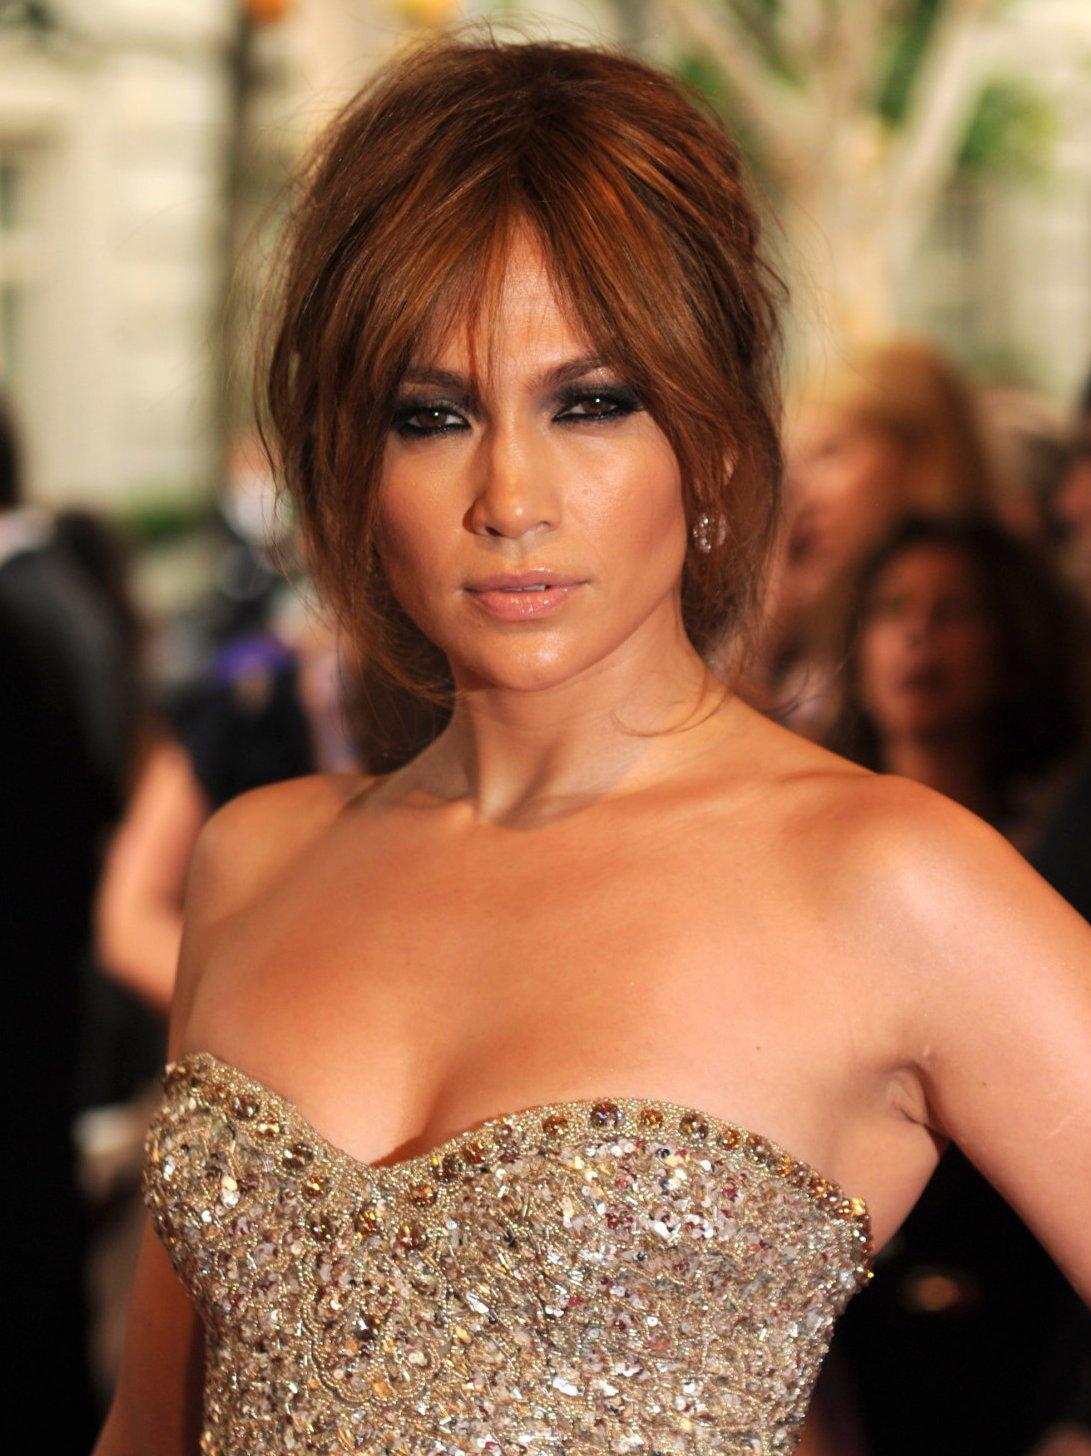 Sexy Female Celebrities